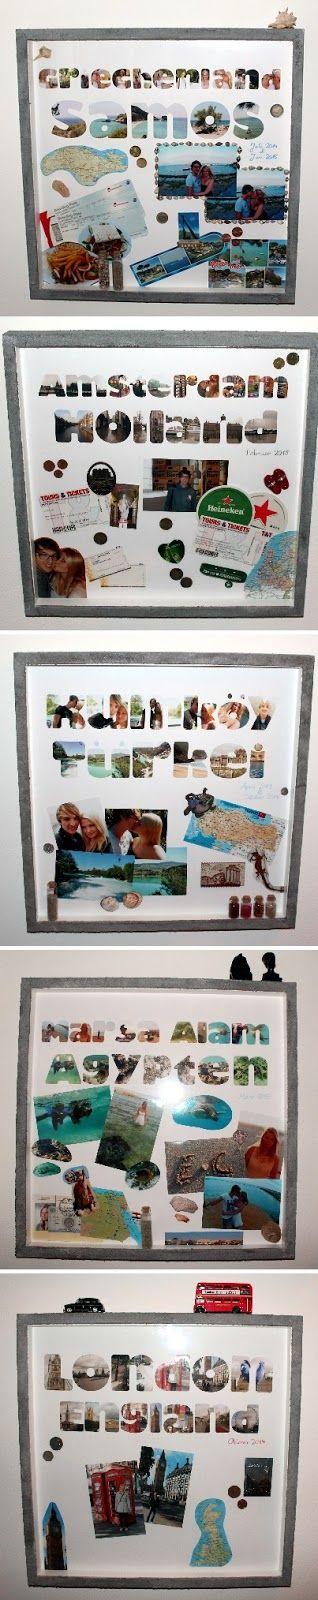 DIY Bilderrahmen Urlaubserinnerungen: DIY, Basteln, Selbermachen, Urlaubserinnerungen, Urlaub, Bilderrahmen, Aufbewahrung, Erinnerungen, Dekoration, Geschenke, Geschenkideen...